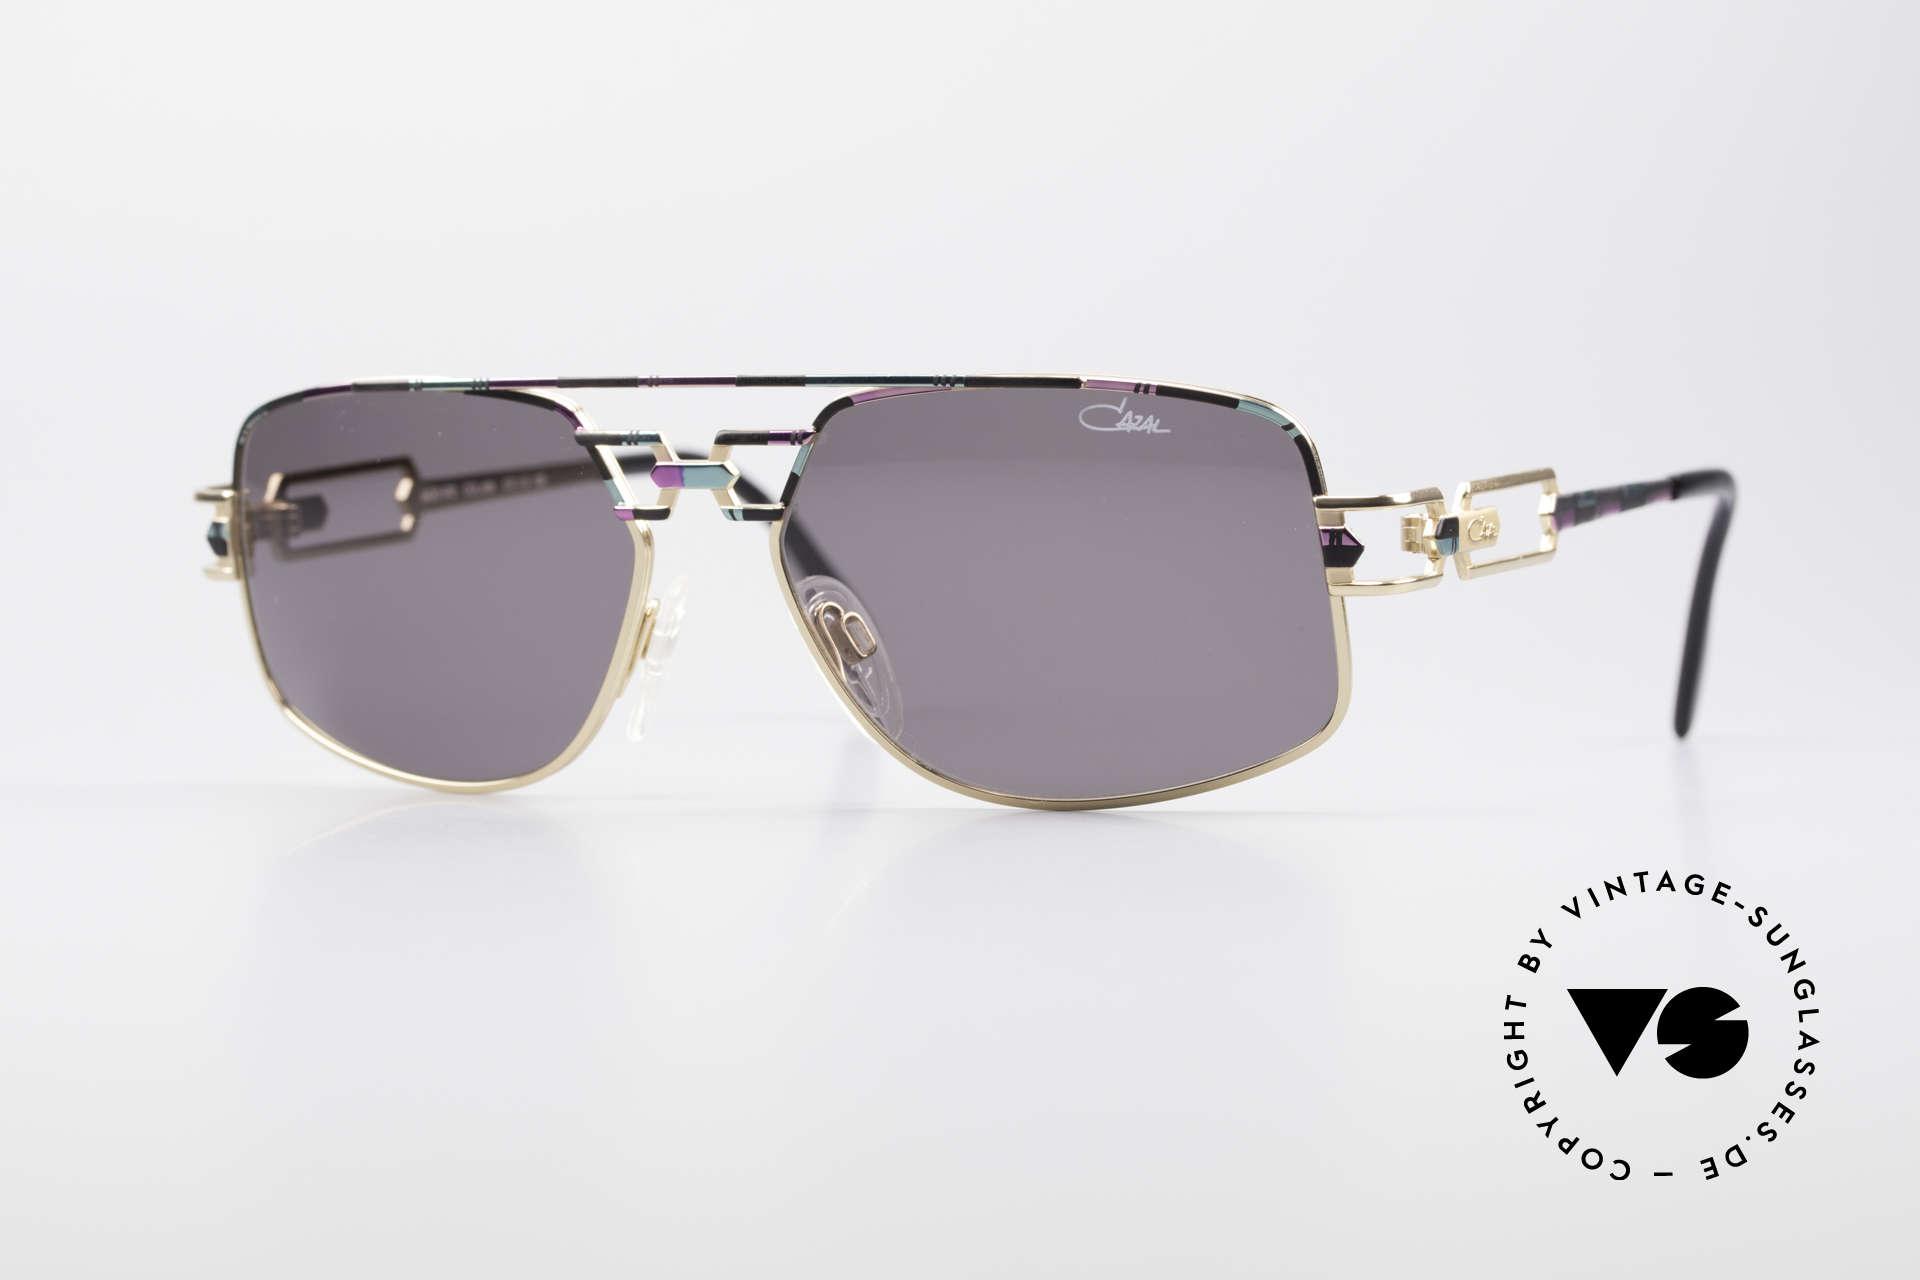 Cazal 972 No Retro Brille True Vintage, 90er Cazal Original Designer-Sonnenbrille; echt vintage!, Passend für Herren und Damen